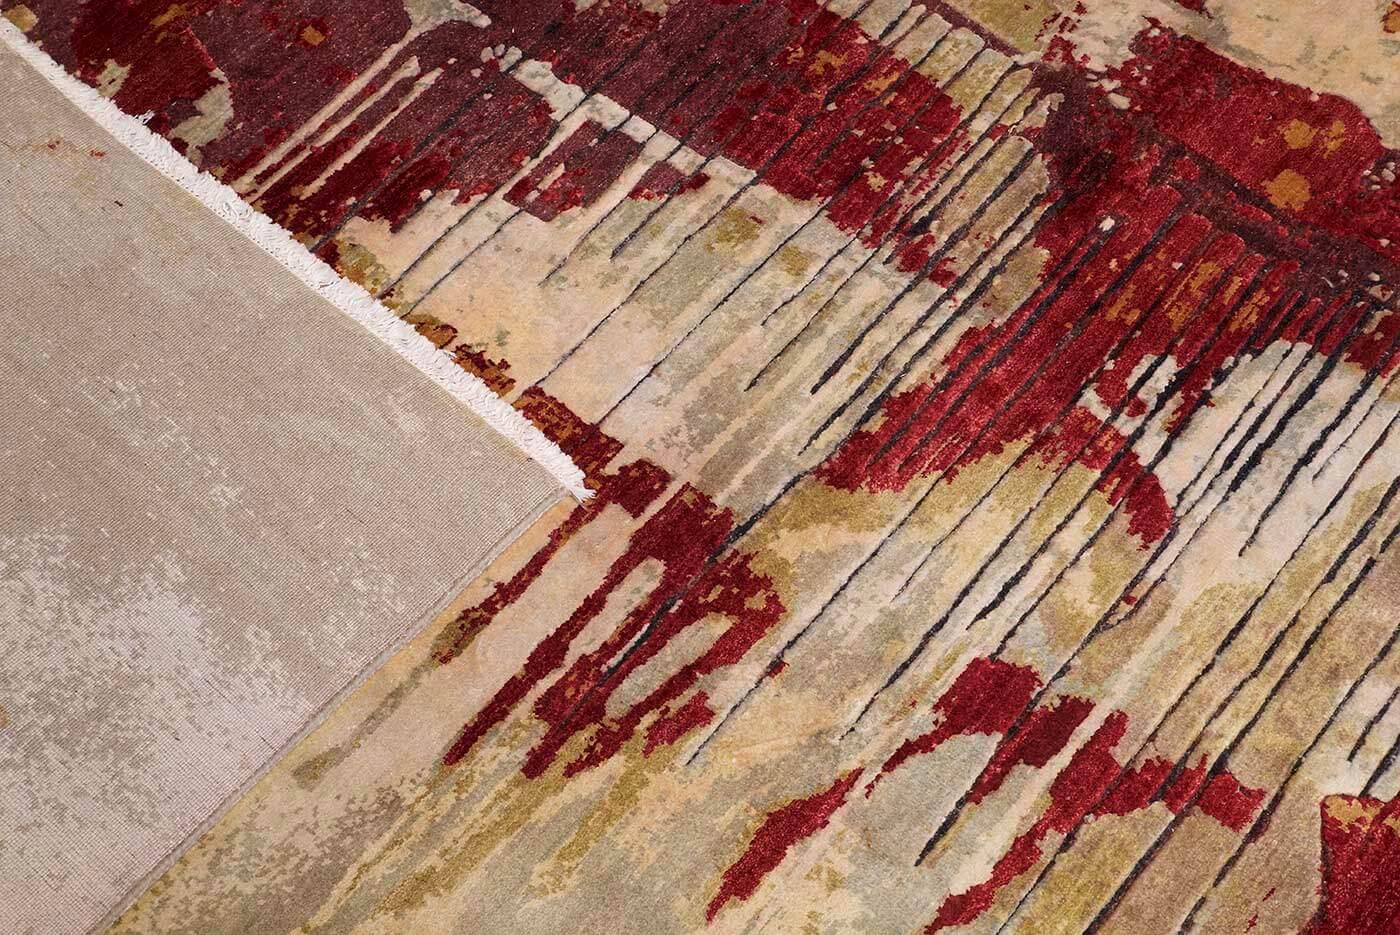 chelsea_design_oxidised_tapijt_moderne_tapijten_koreman_maastricht_310x241_multi-hoek